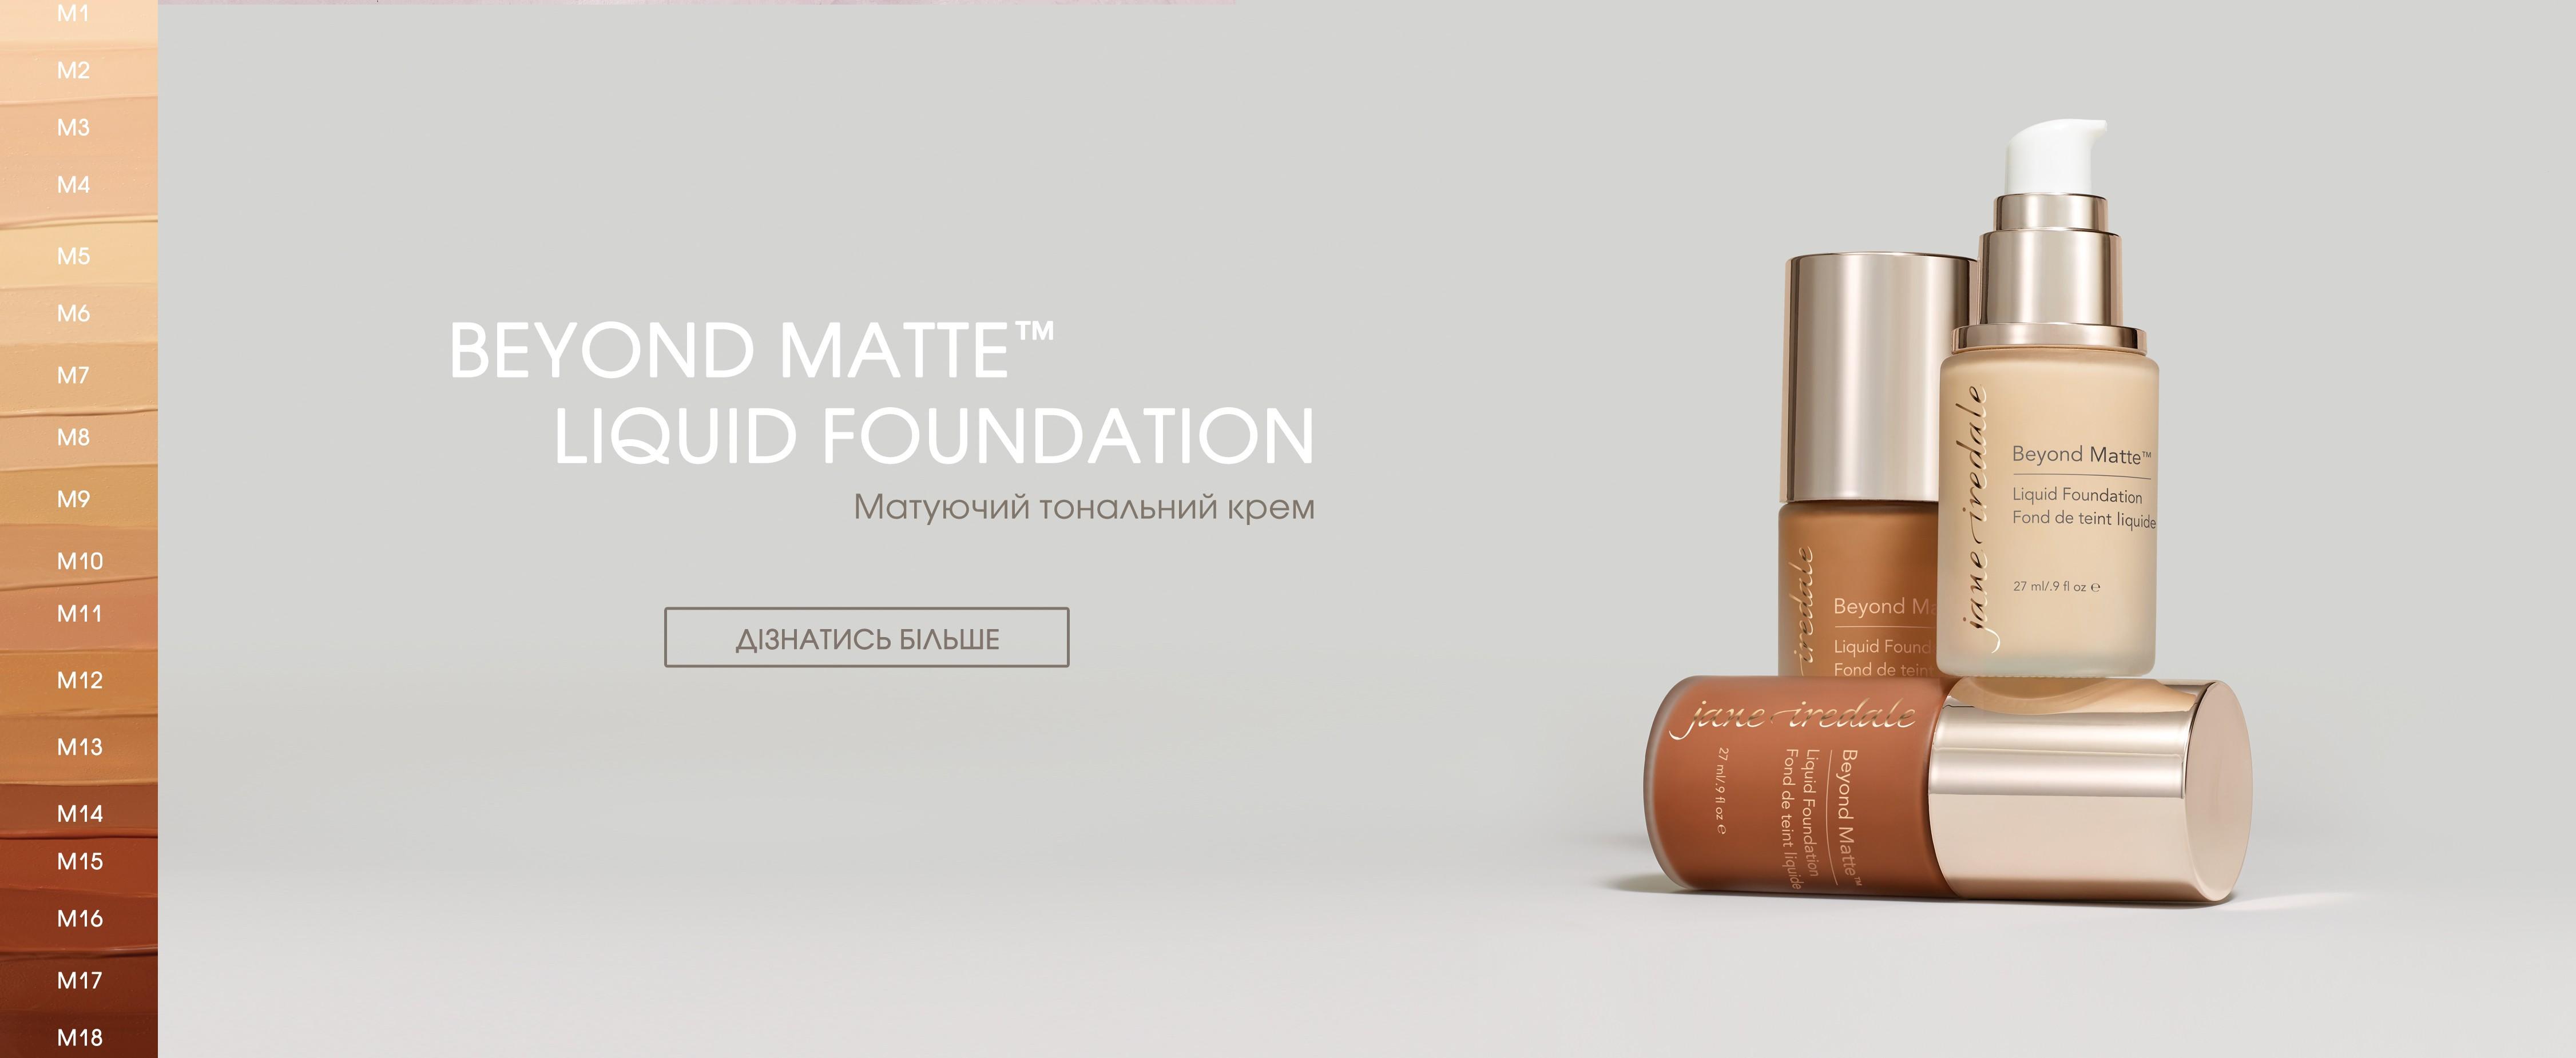 Beyond Matte